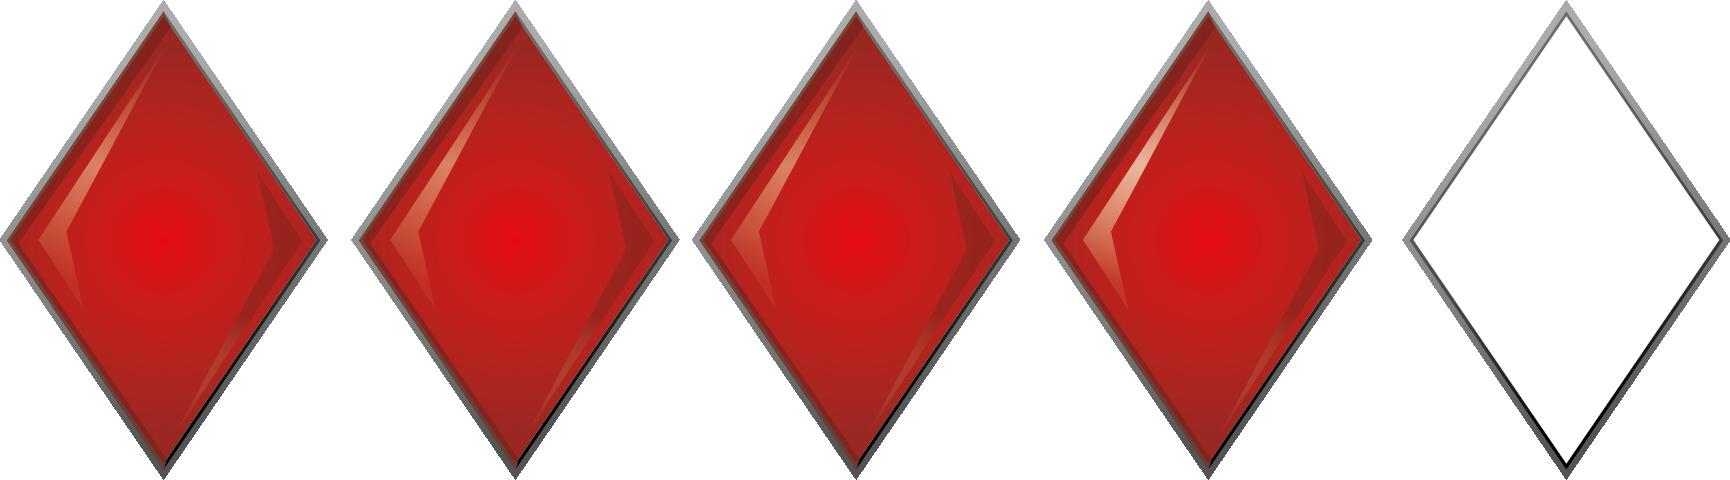 diamonds blade ranking